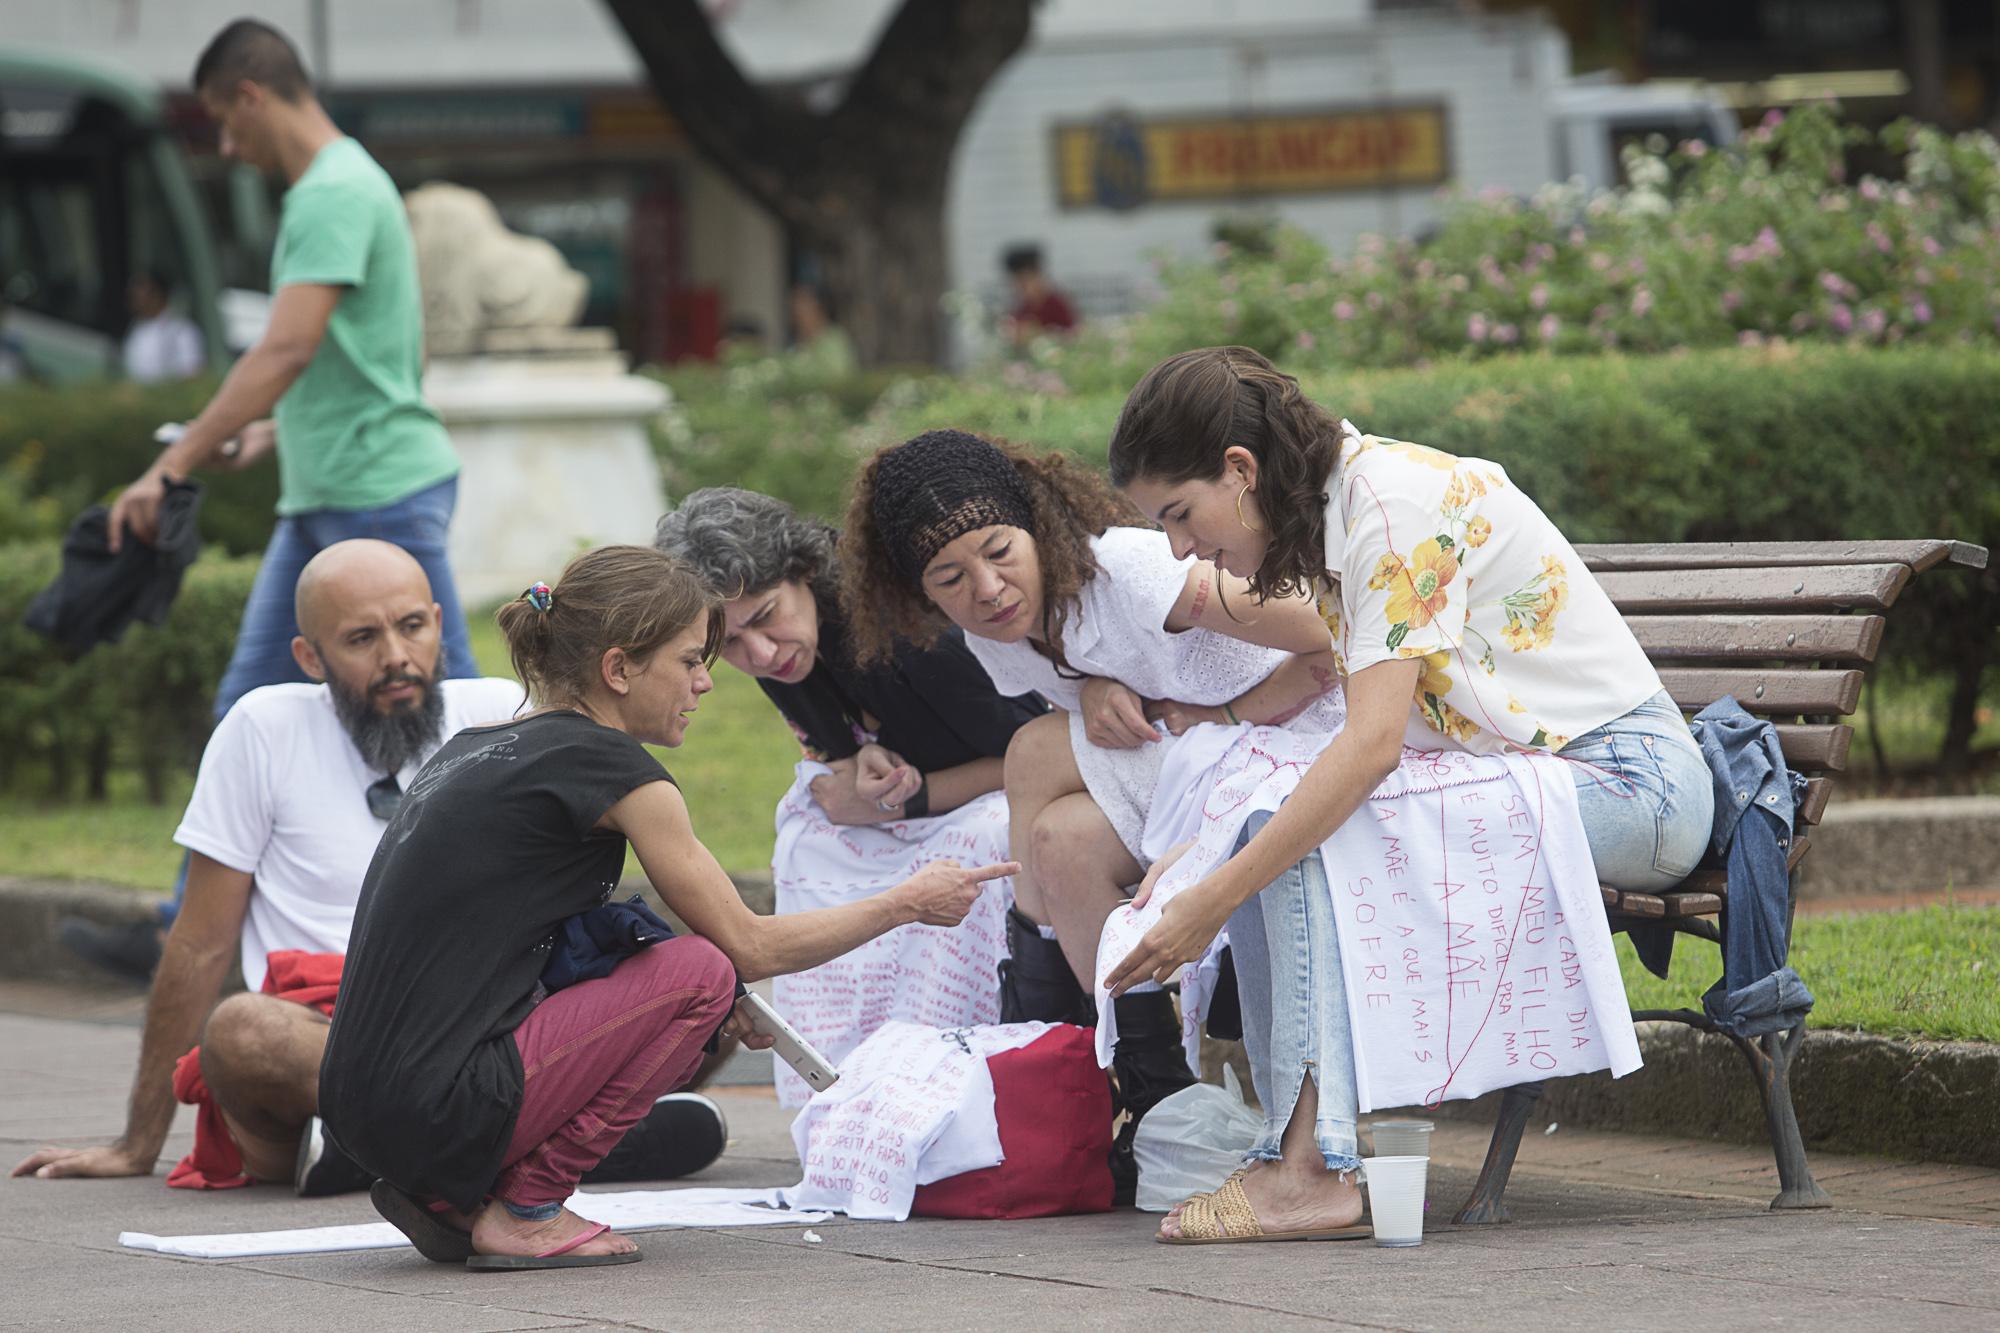 Tecer o Luto para Reforçar a Luta: Artivismo e Resistência no Trabalho da performer Nina Caetano